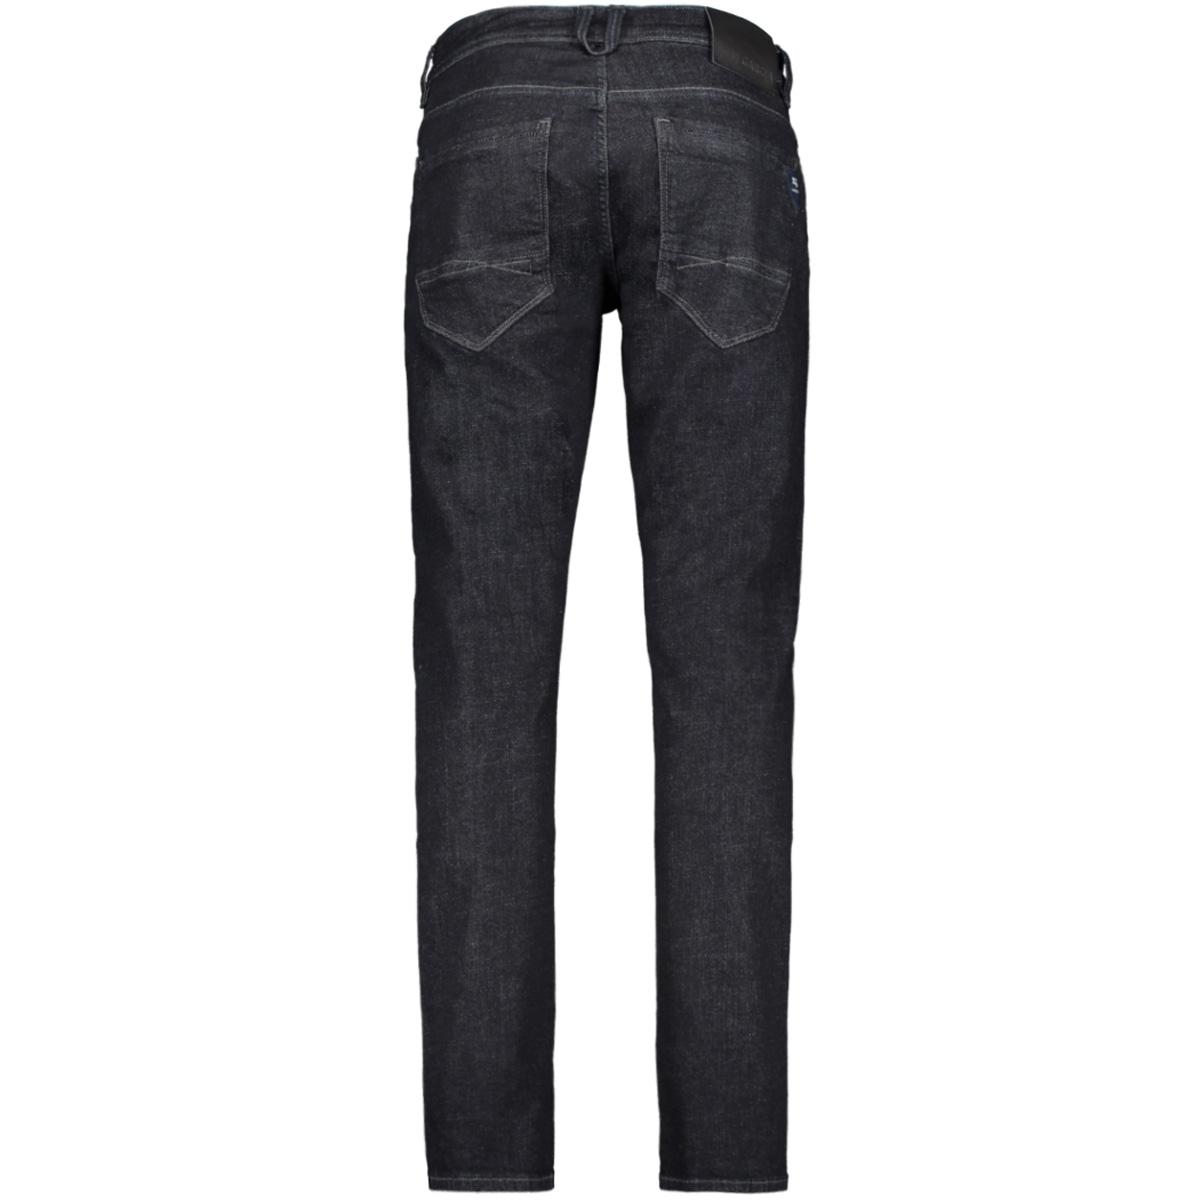 613 russo tapered garcia jeans 3226 acqua denim rinsed